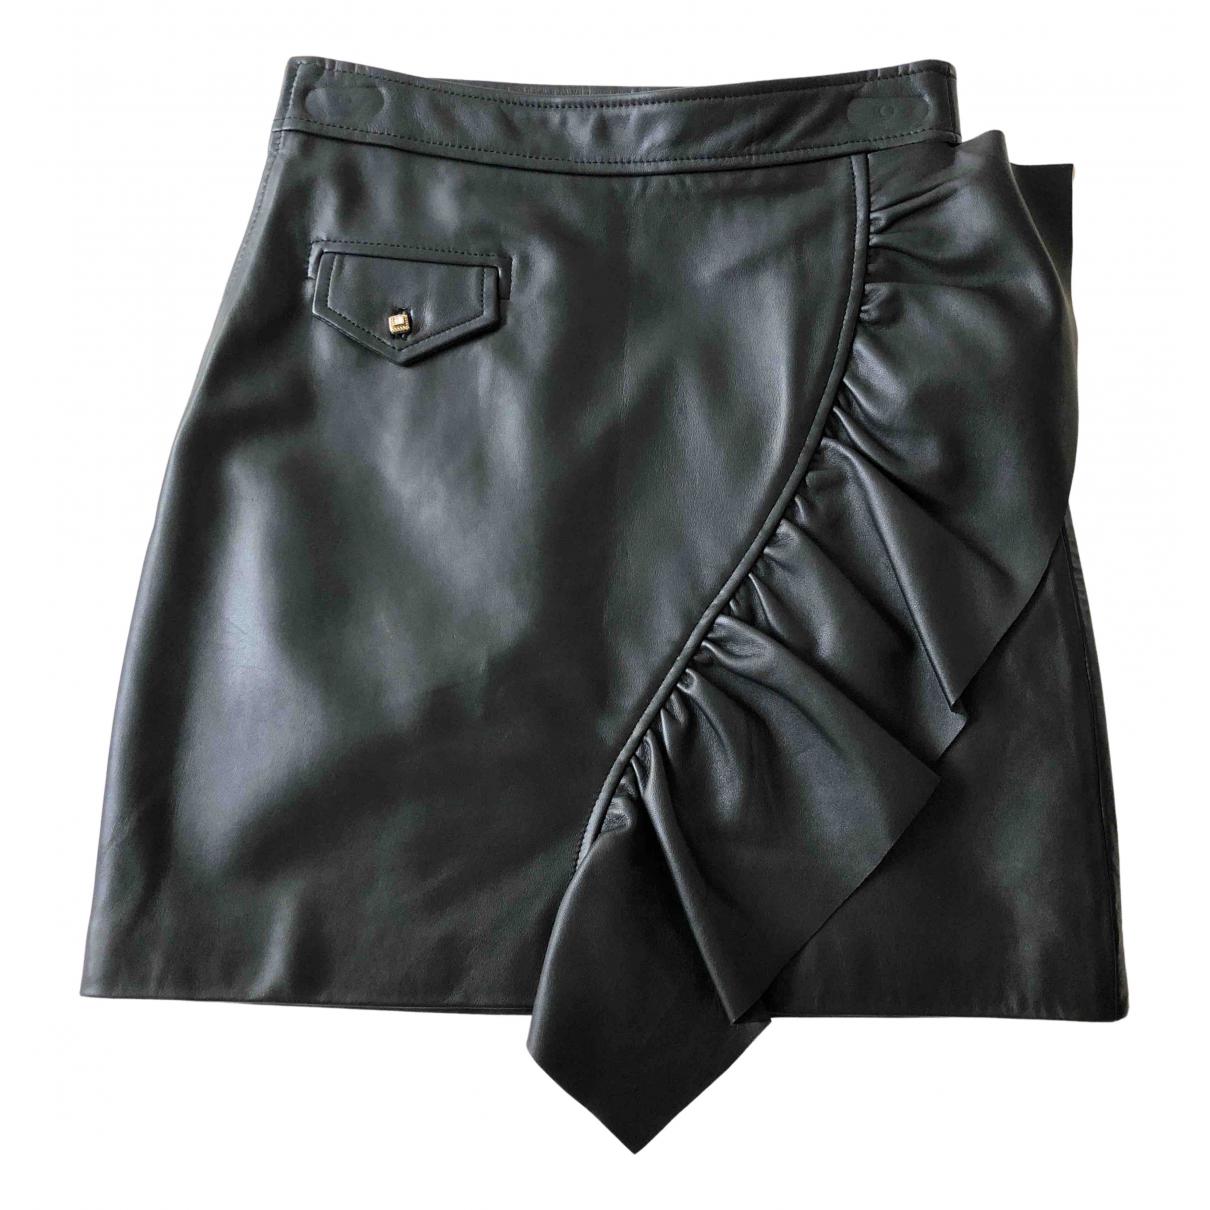 Sandro Fall Winter 2019 Black Leather skirt for Women 1 0-5